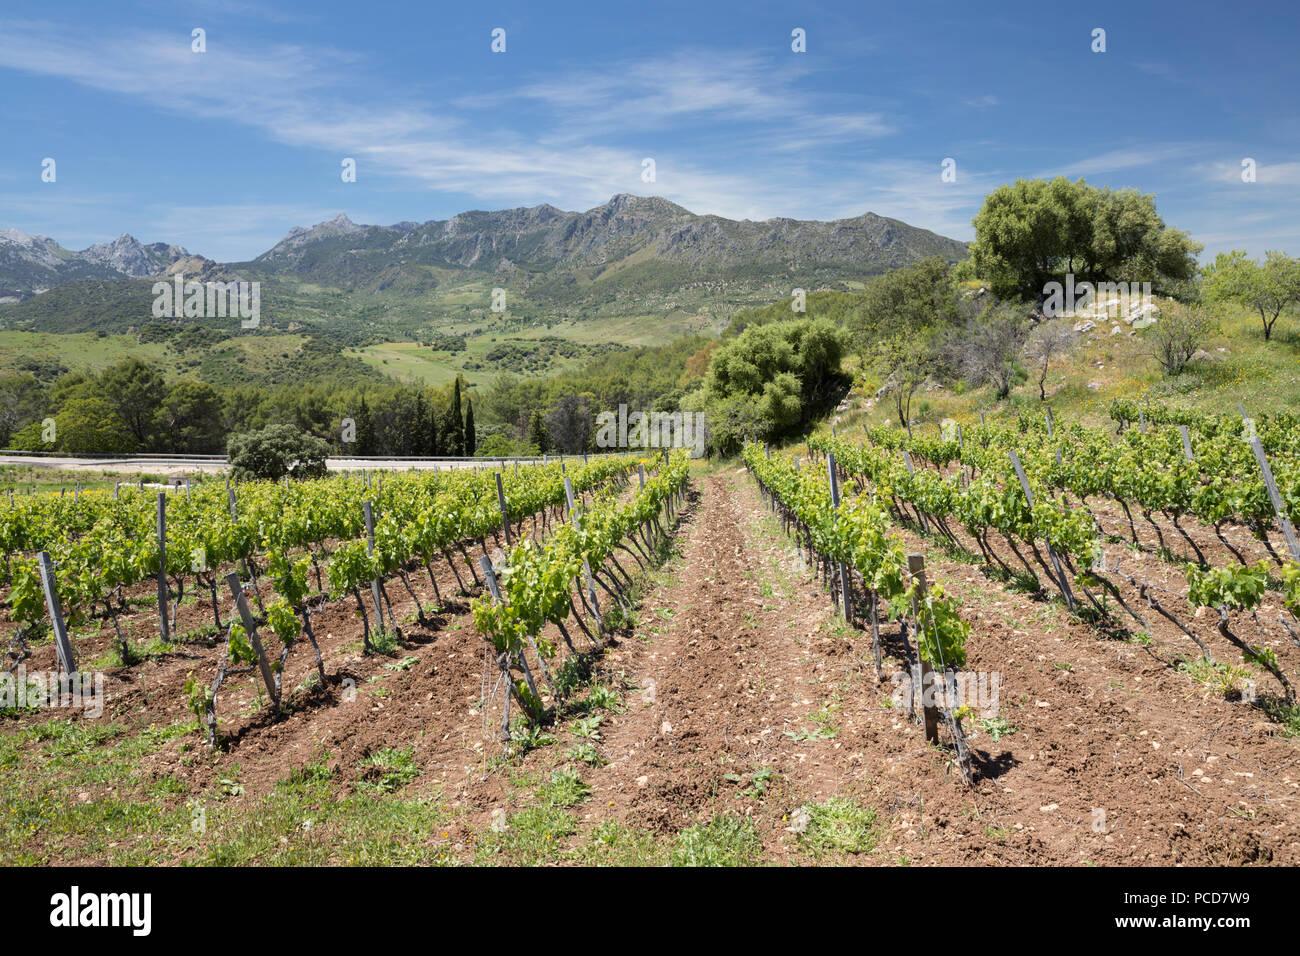 Vineyard set below mountains of the Sierra de Grazalema Natural Park, Zahara de la Sierra, Cadiz Province, Andalucia, Spain, Europe Stock Photo